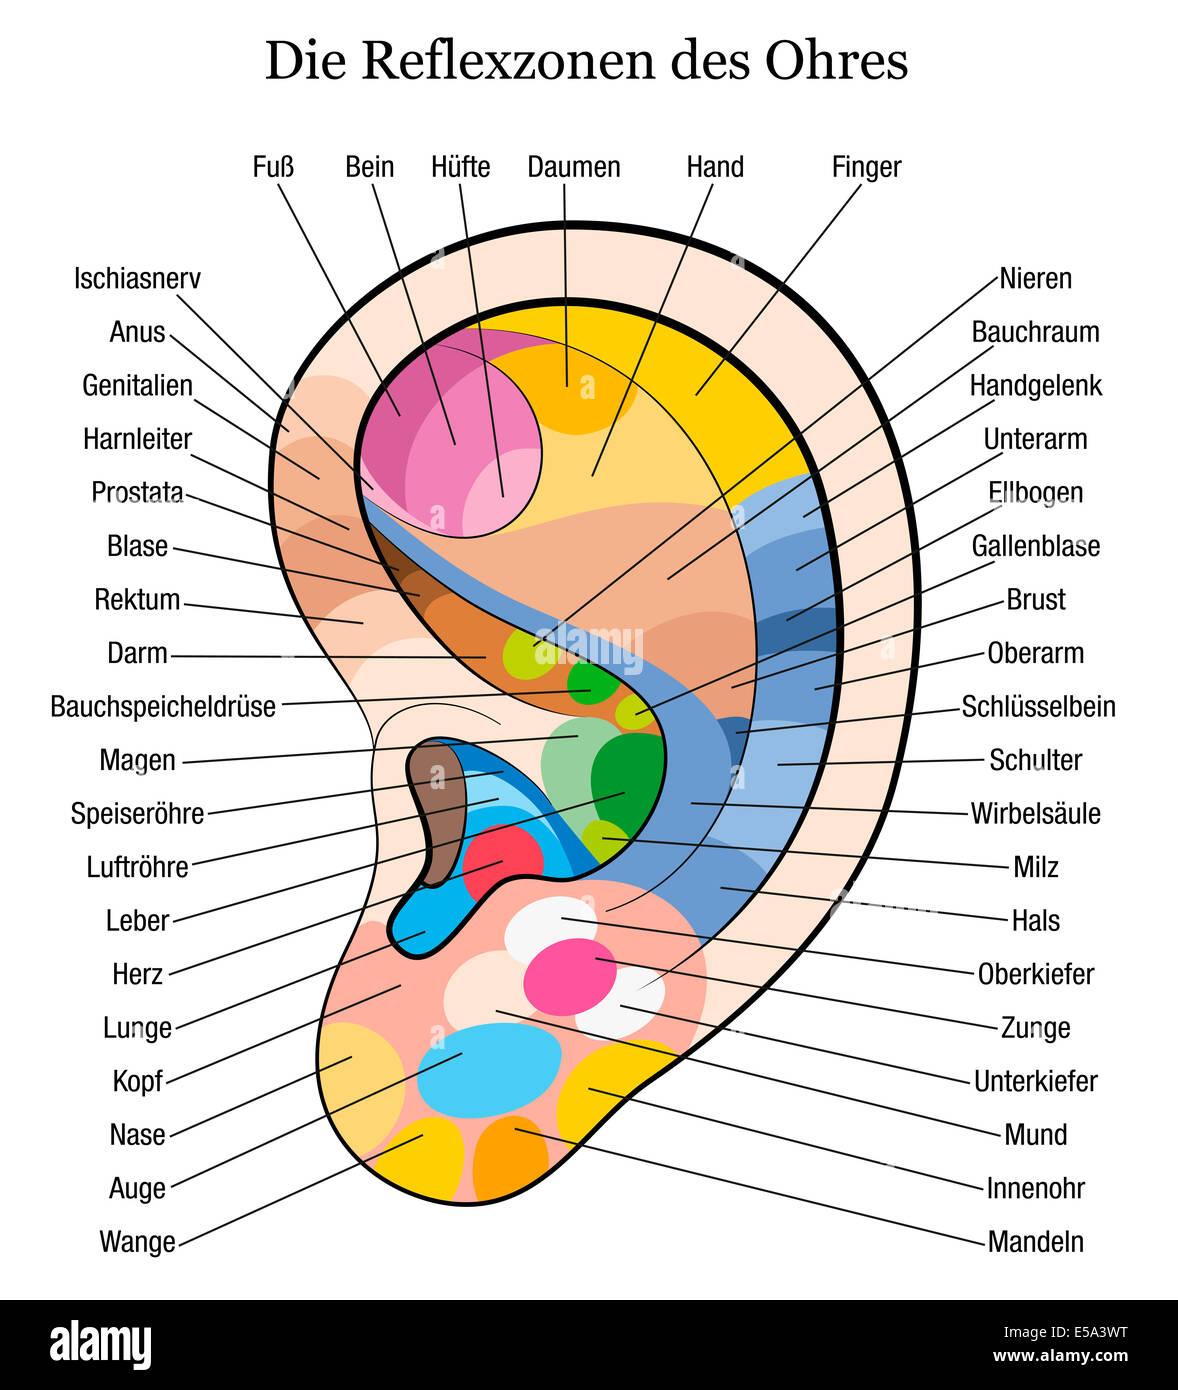 Ohr-Reflexzonen-Diagramm mit genauer Beschreibung der entsprechenden ...